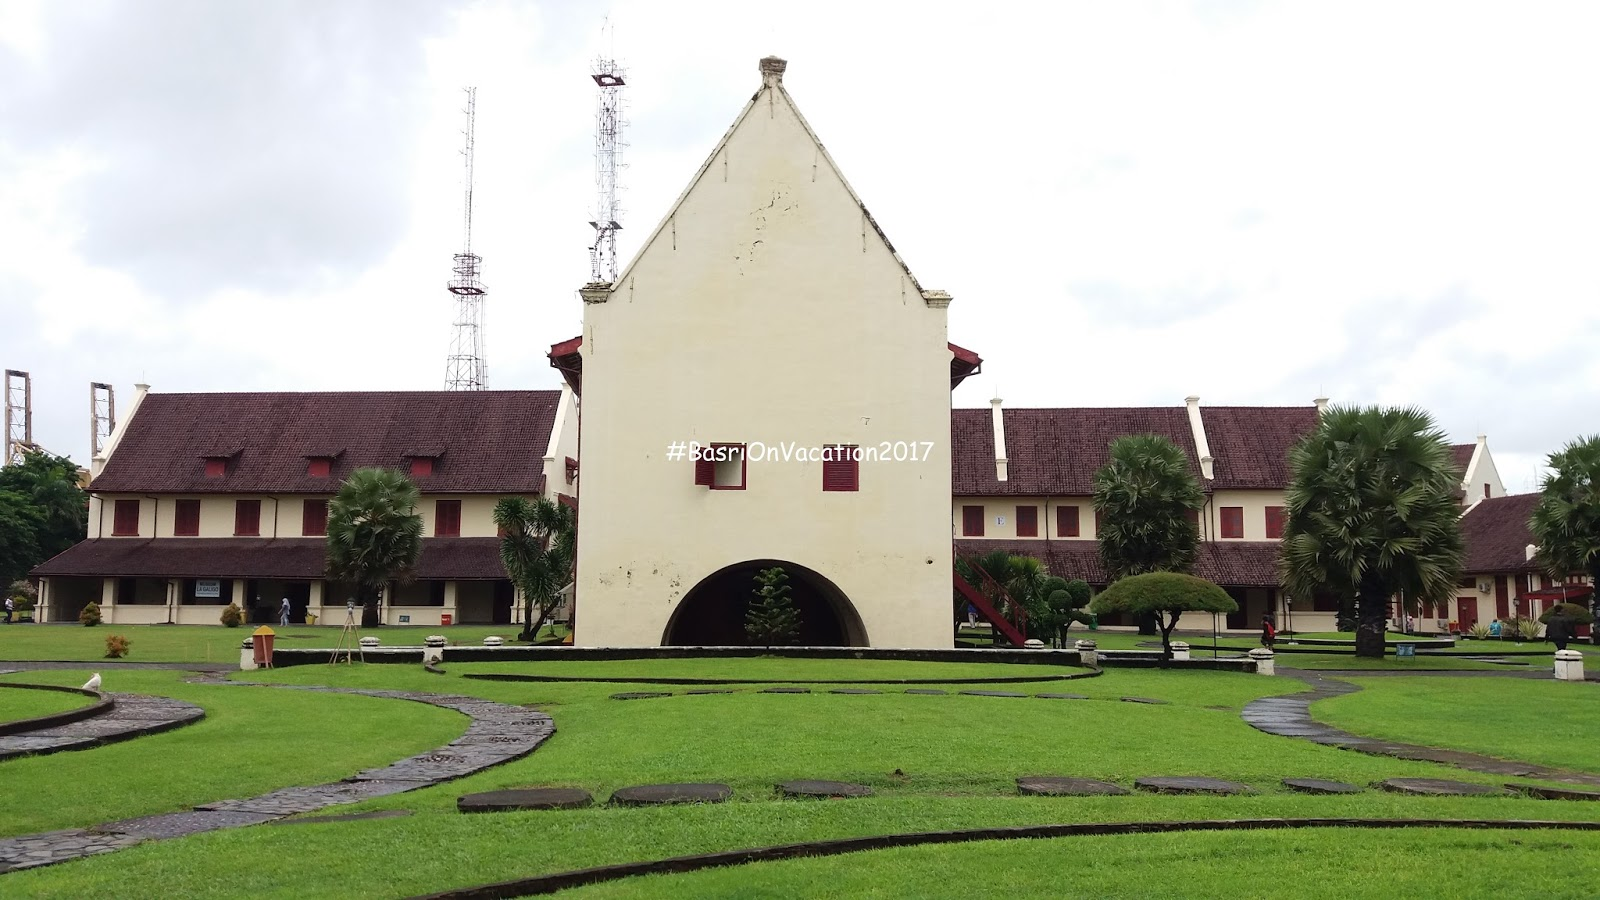 Coretan Di Waktu Kerja Wisata Sulawesi Selatan Fort Rotterdam